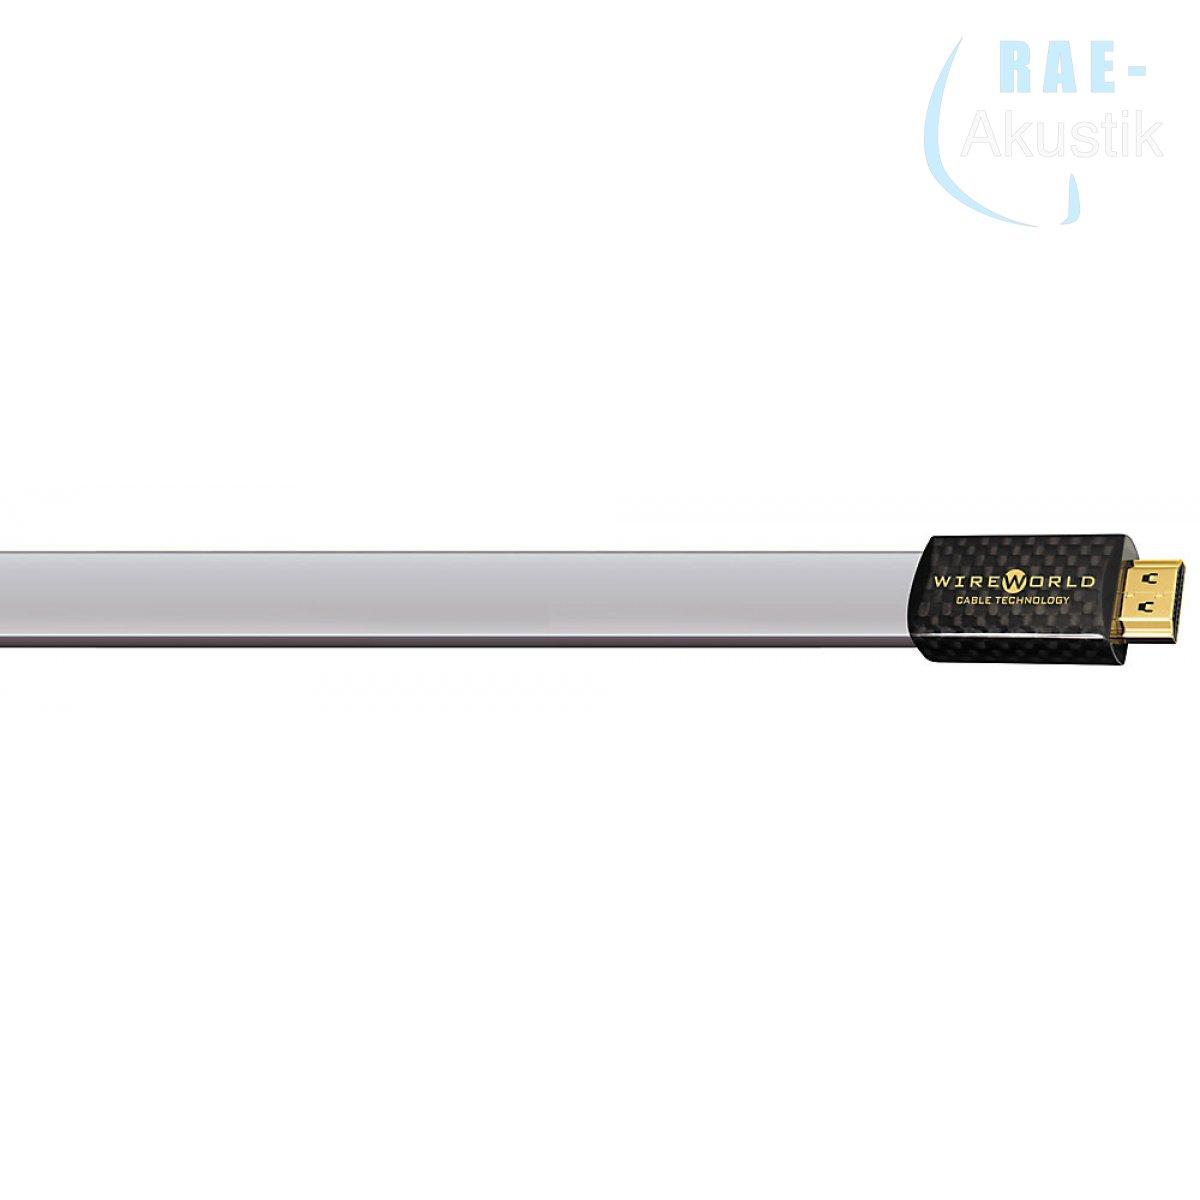 WIREWORLD® Platinum Starlight 7 HDMI Flachkabel, 500,00 €